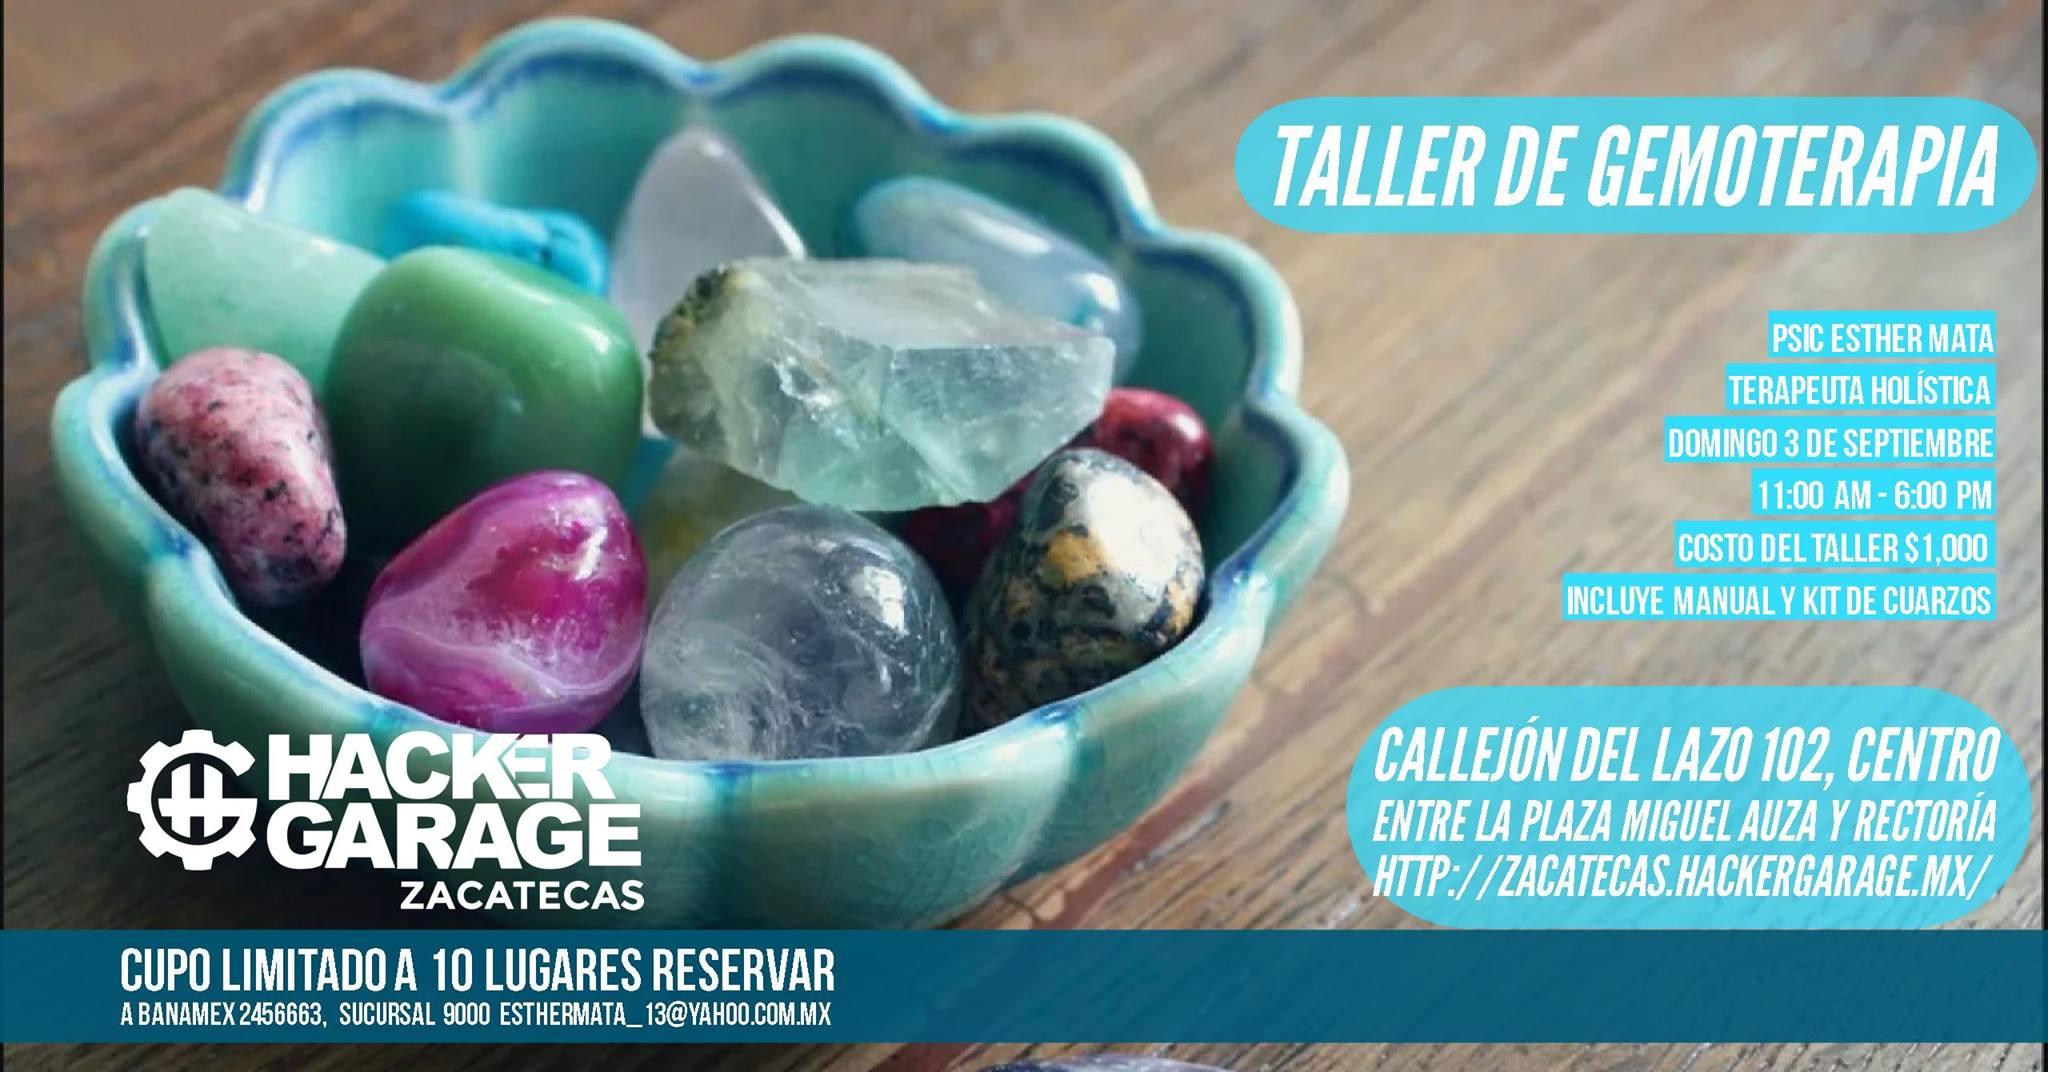 HackerGarage Zacatecas Taller de Gemoterapia